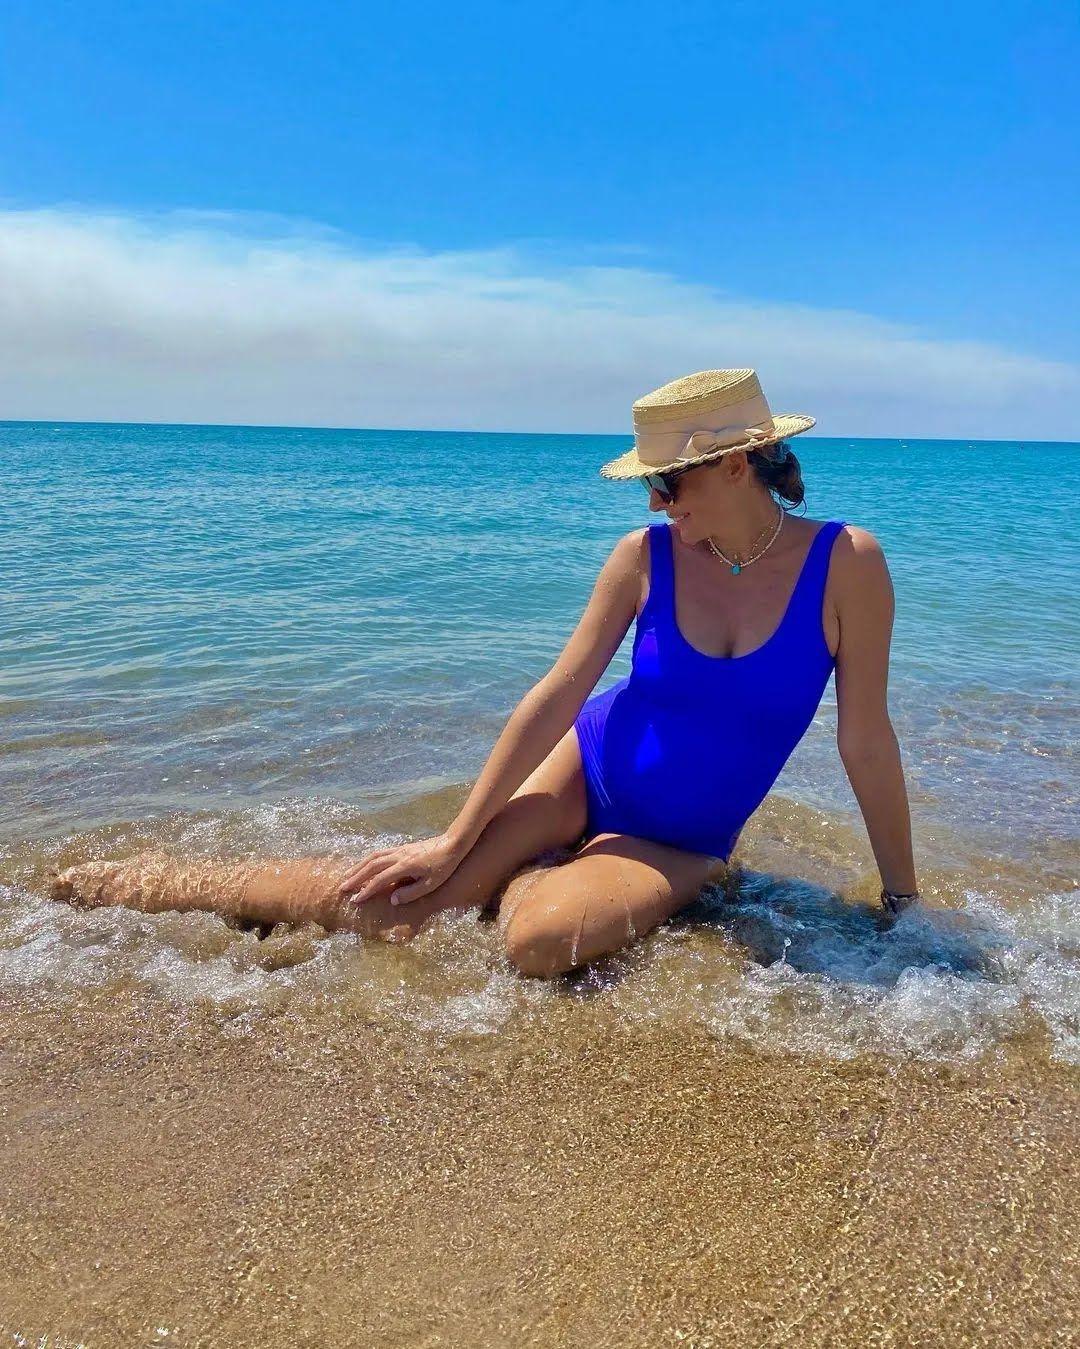 Осадча позувала сидячи на піску з видом на море